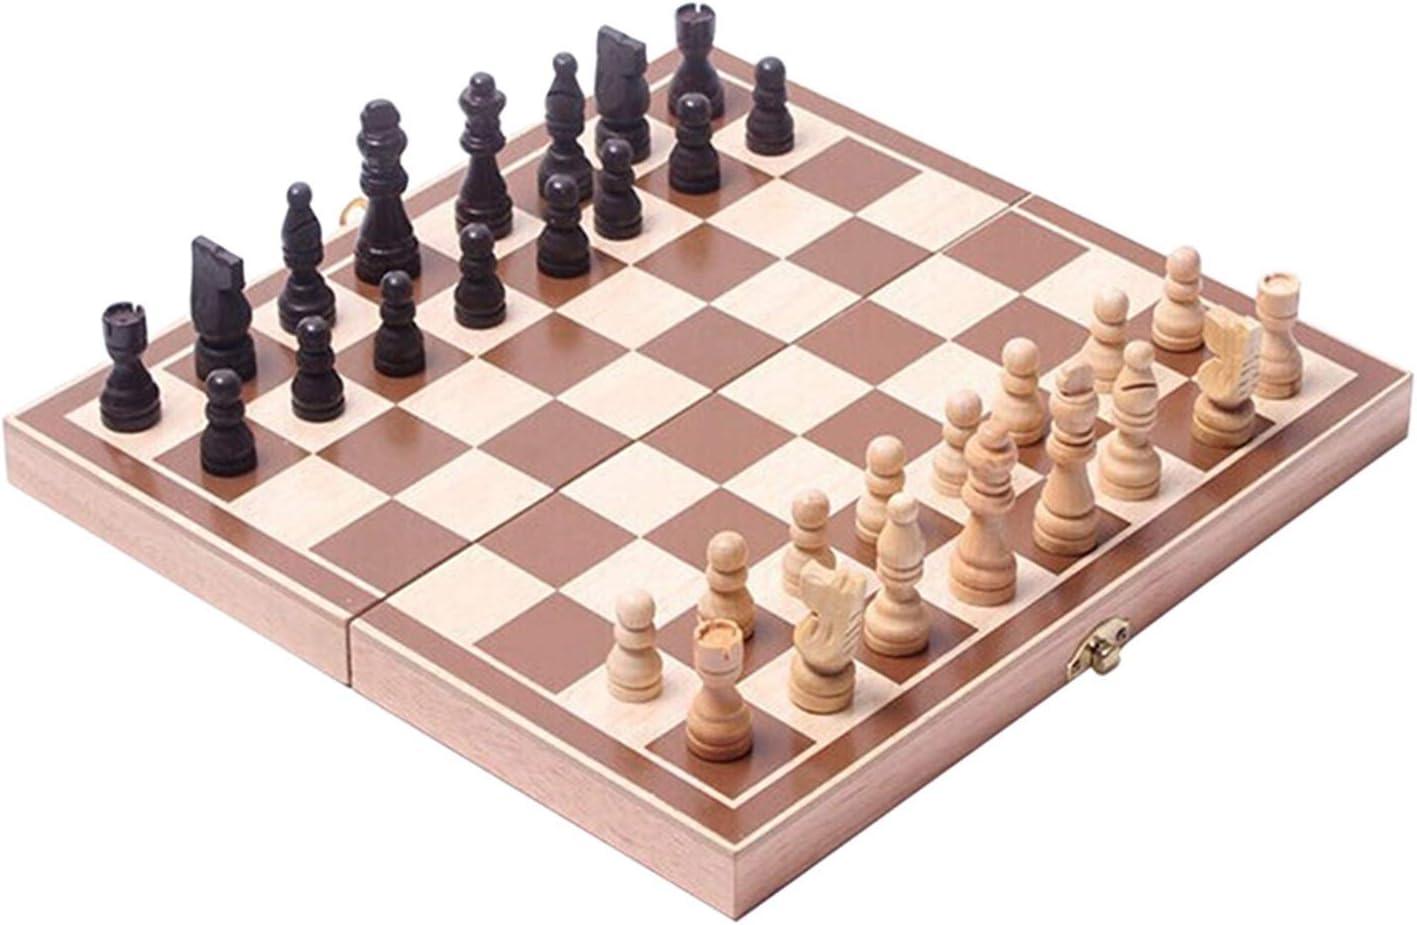 LWSJP Chess Wooden Folding Checker 5 ☆ popular Set International Games Max 52% OFF